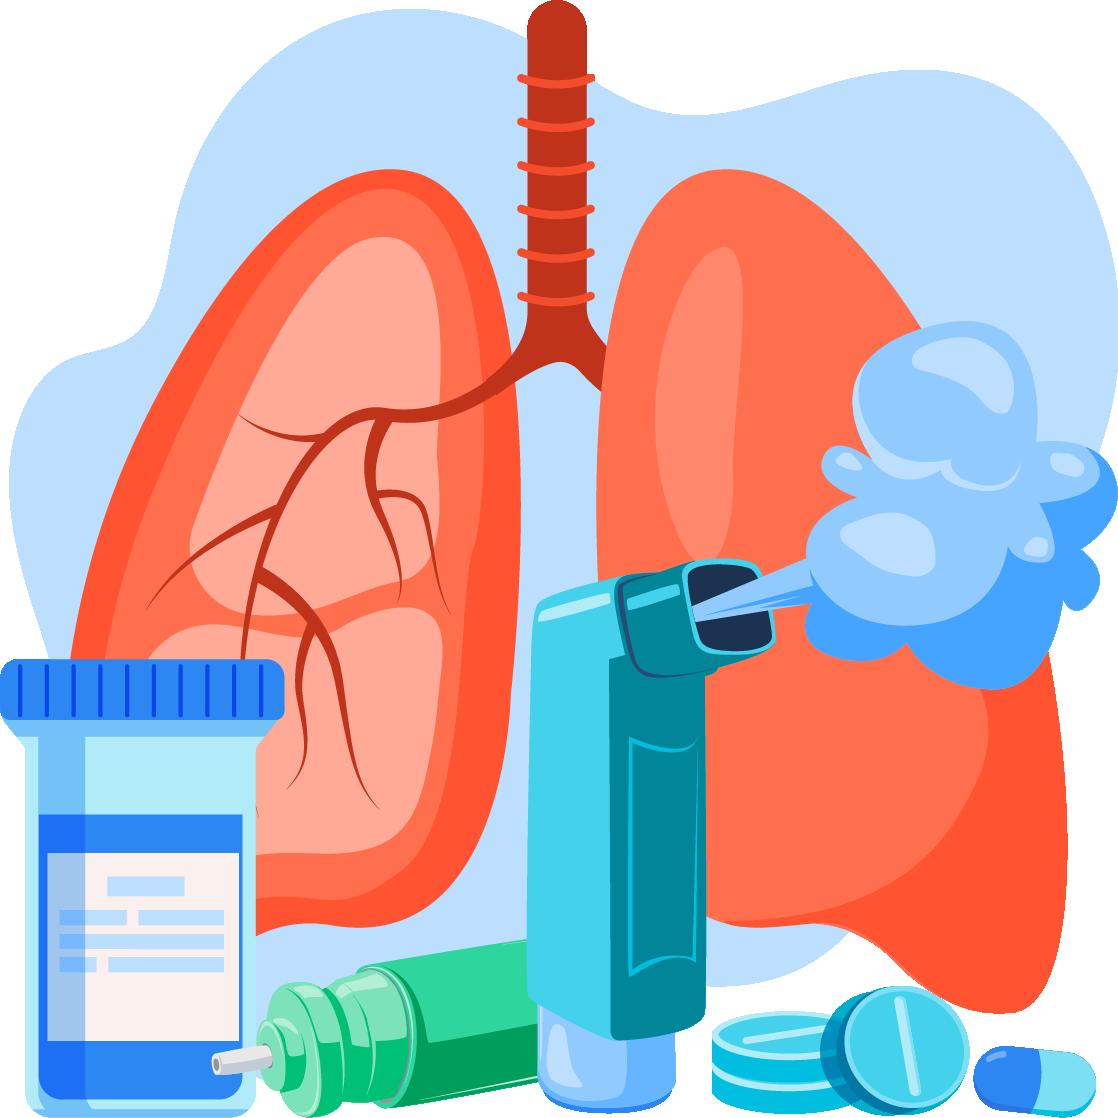 Merasa memiliki gejala asma? Periksa di sini!